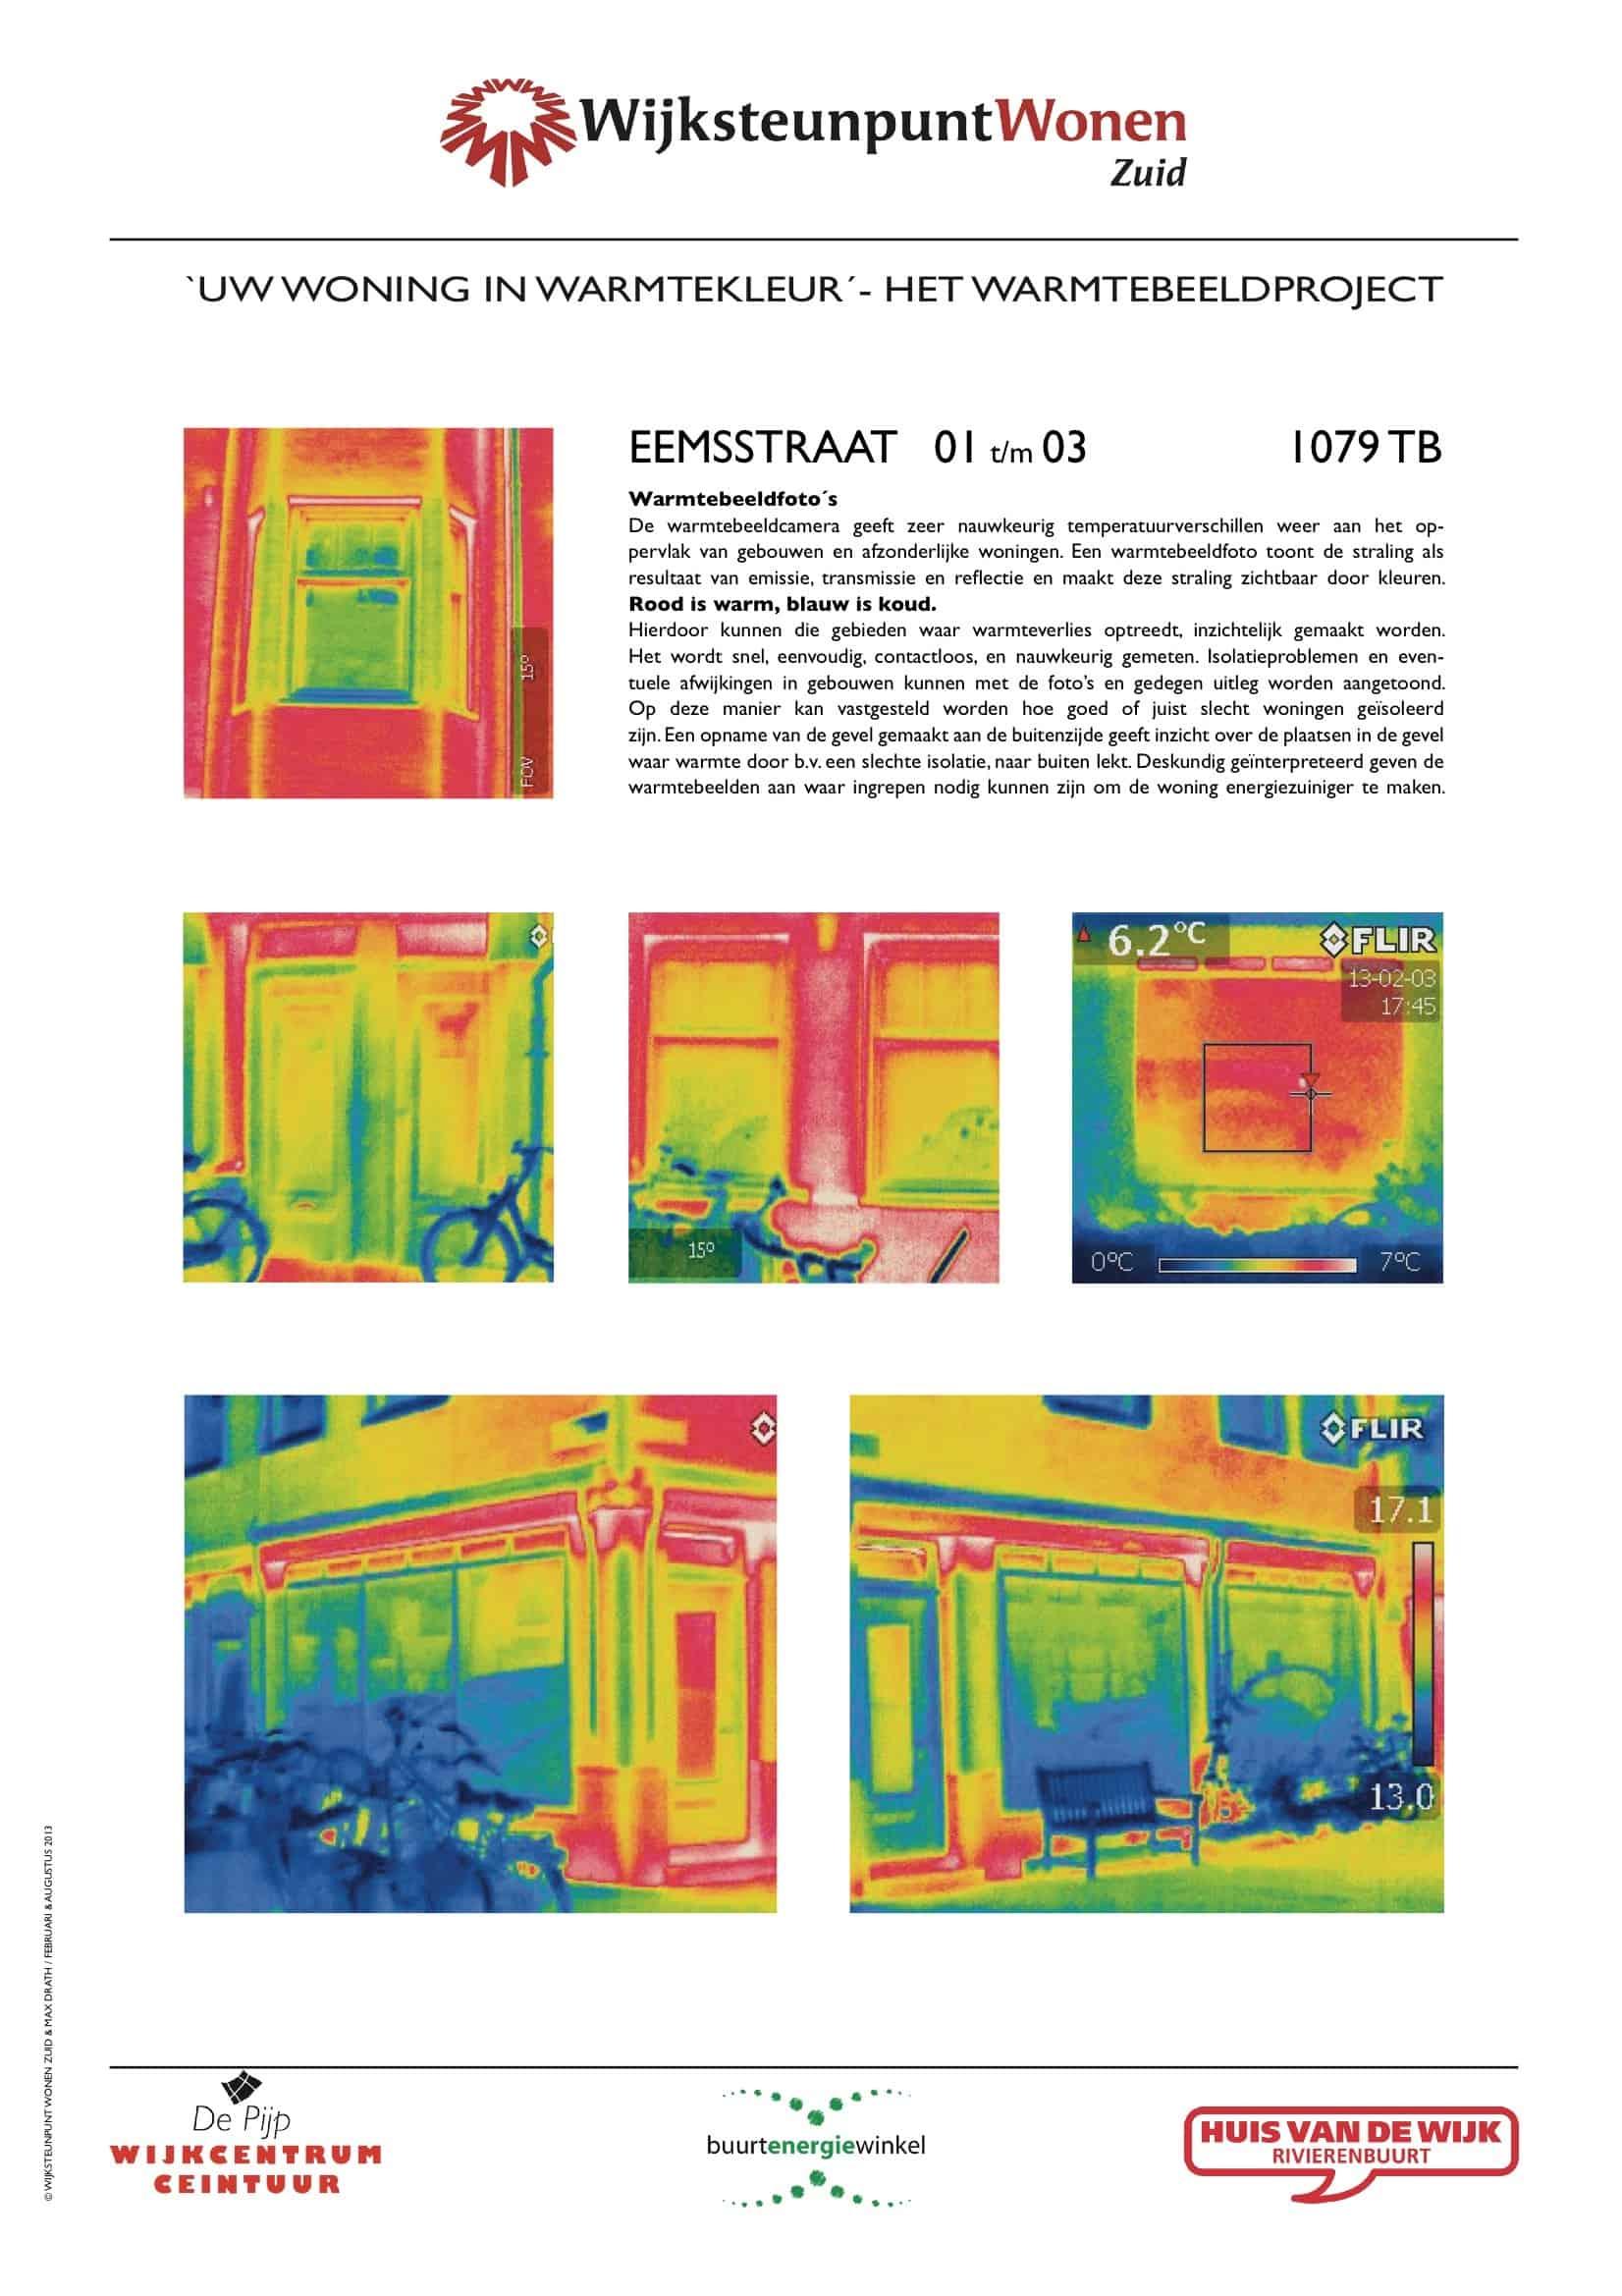 Het warmtebeeldproject Eemsstraat